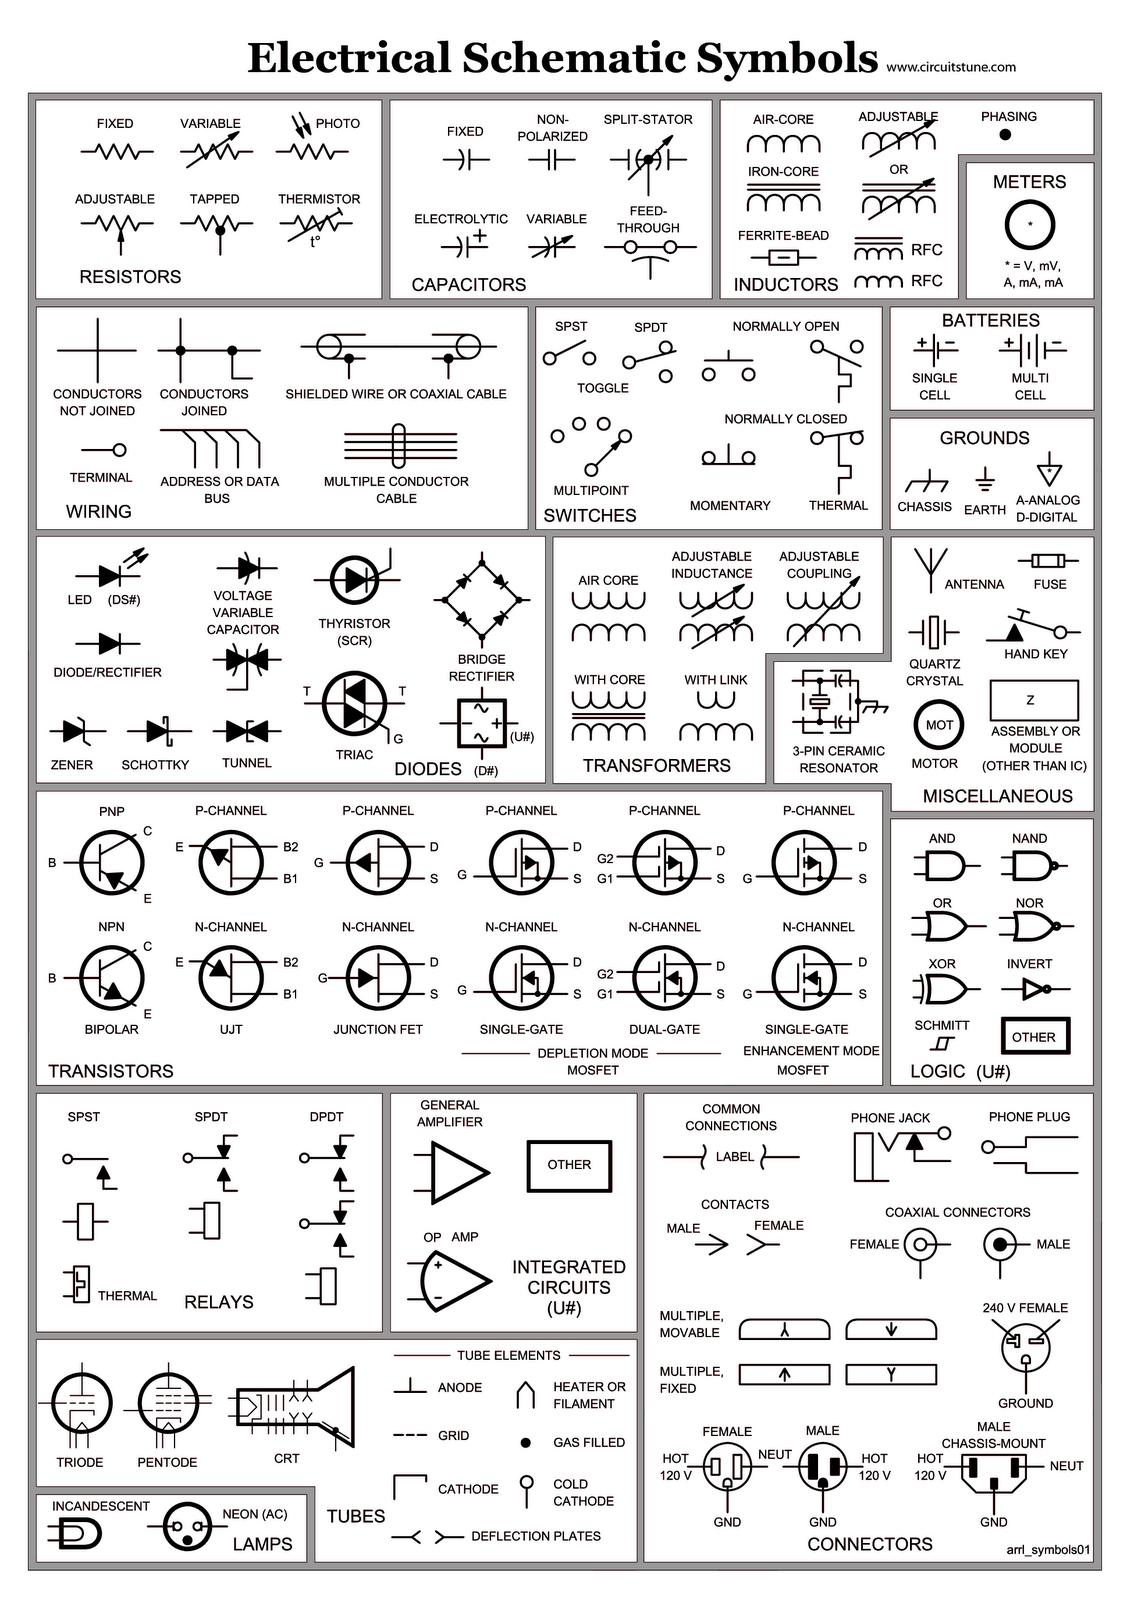 electrical wiring diagram symbols Download-vJysJXCDlSA UBd T3Mjh6I AAAAAAAAAyk tVL4J2R sOs s1600 Electrical Schematic Symbols 19-a